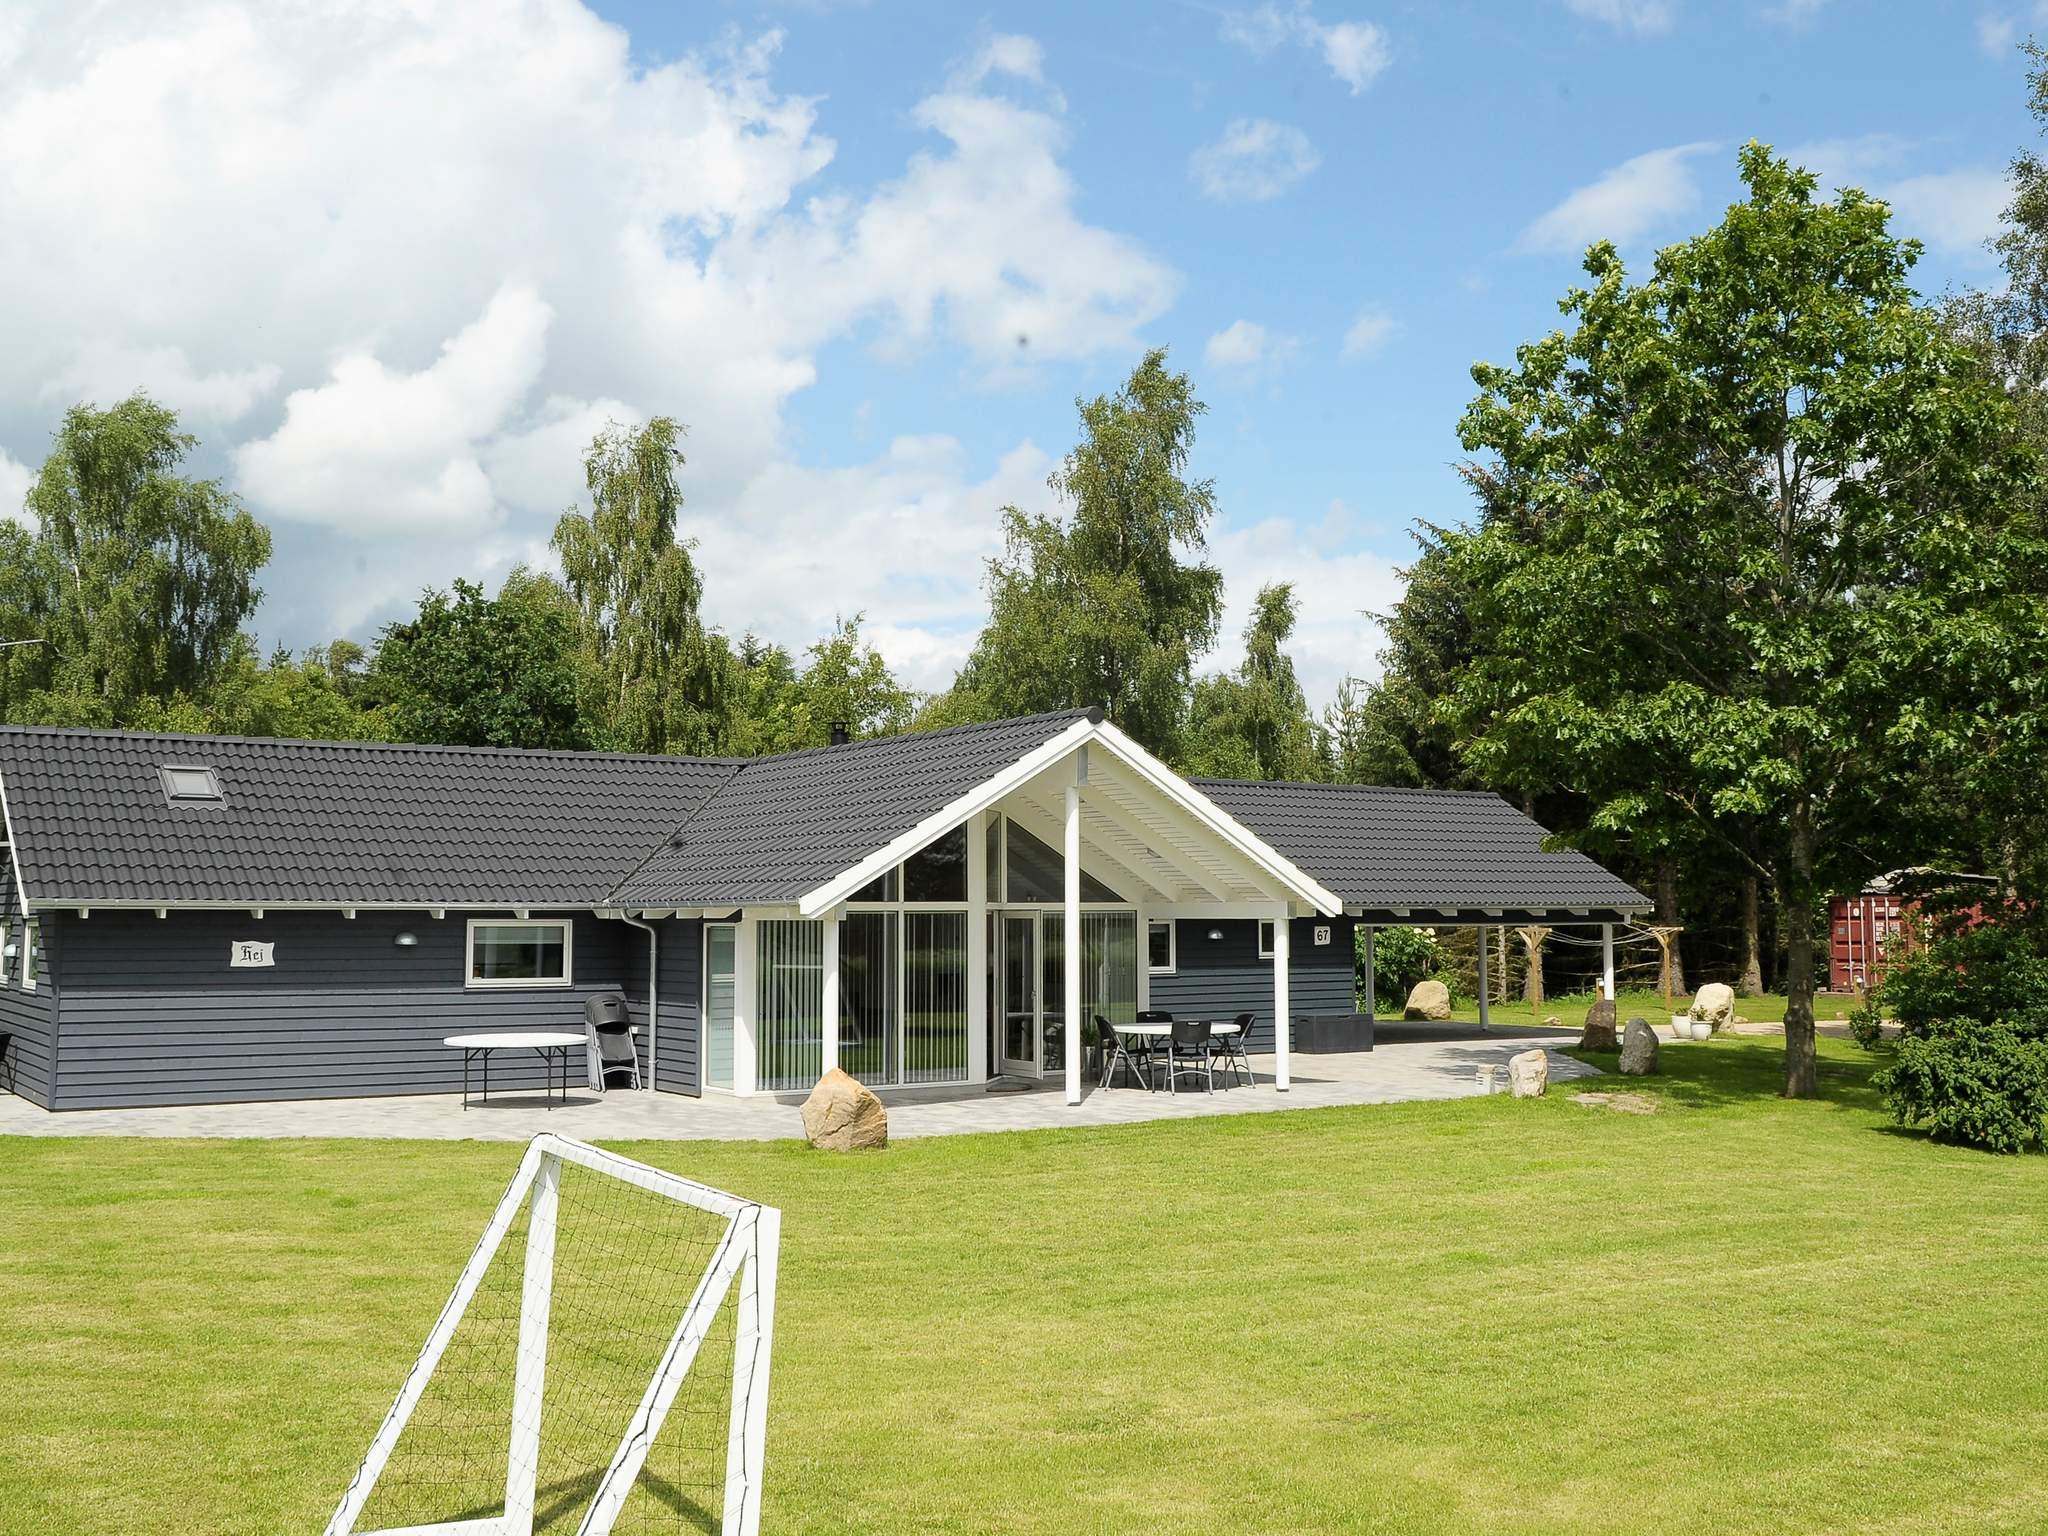 Ferienhaus Silkeborg (490433), Silkeborg, , Ostjütland, Dänemark, Bild 15